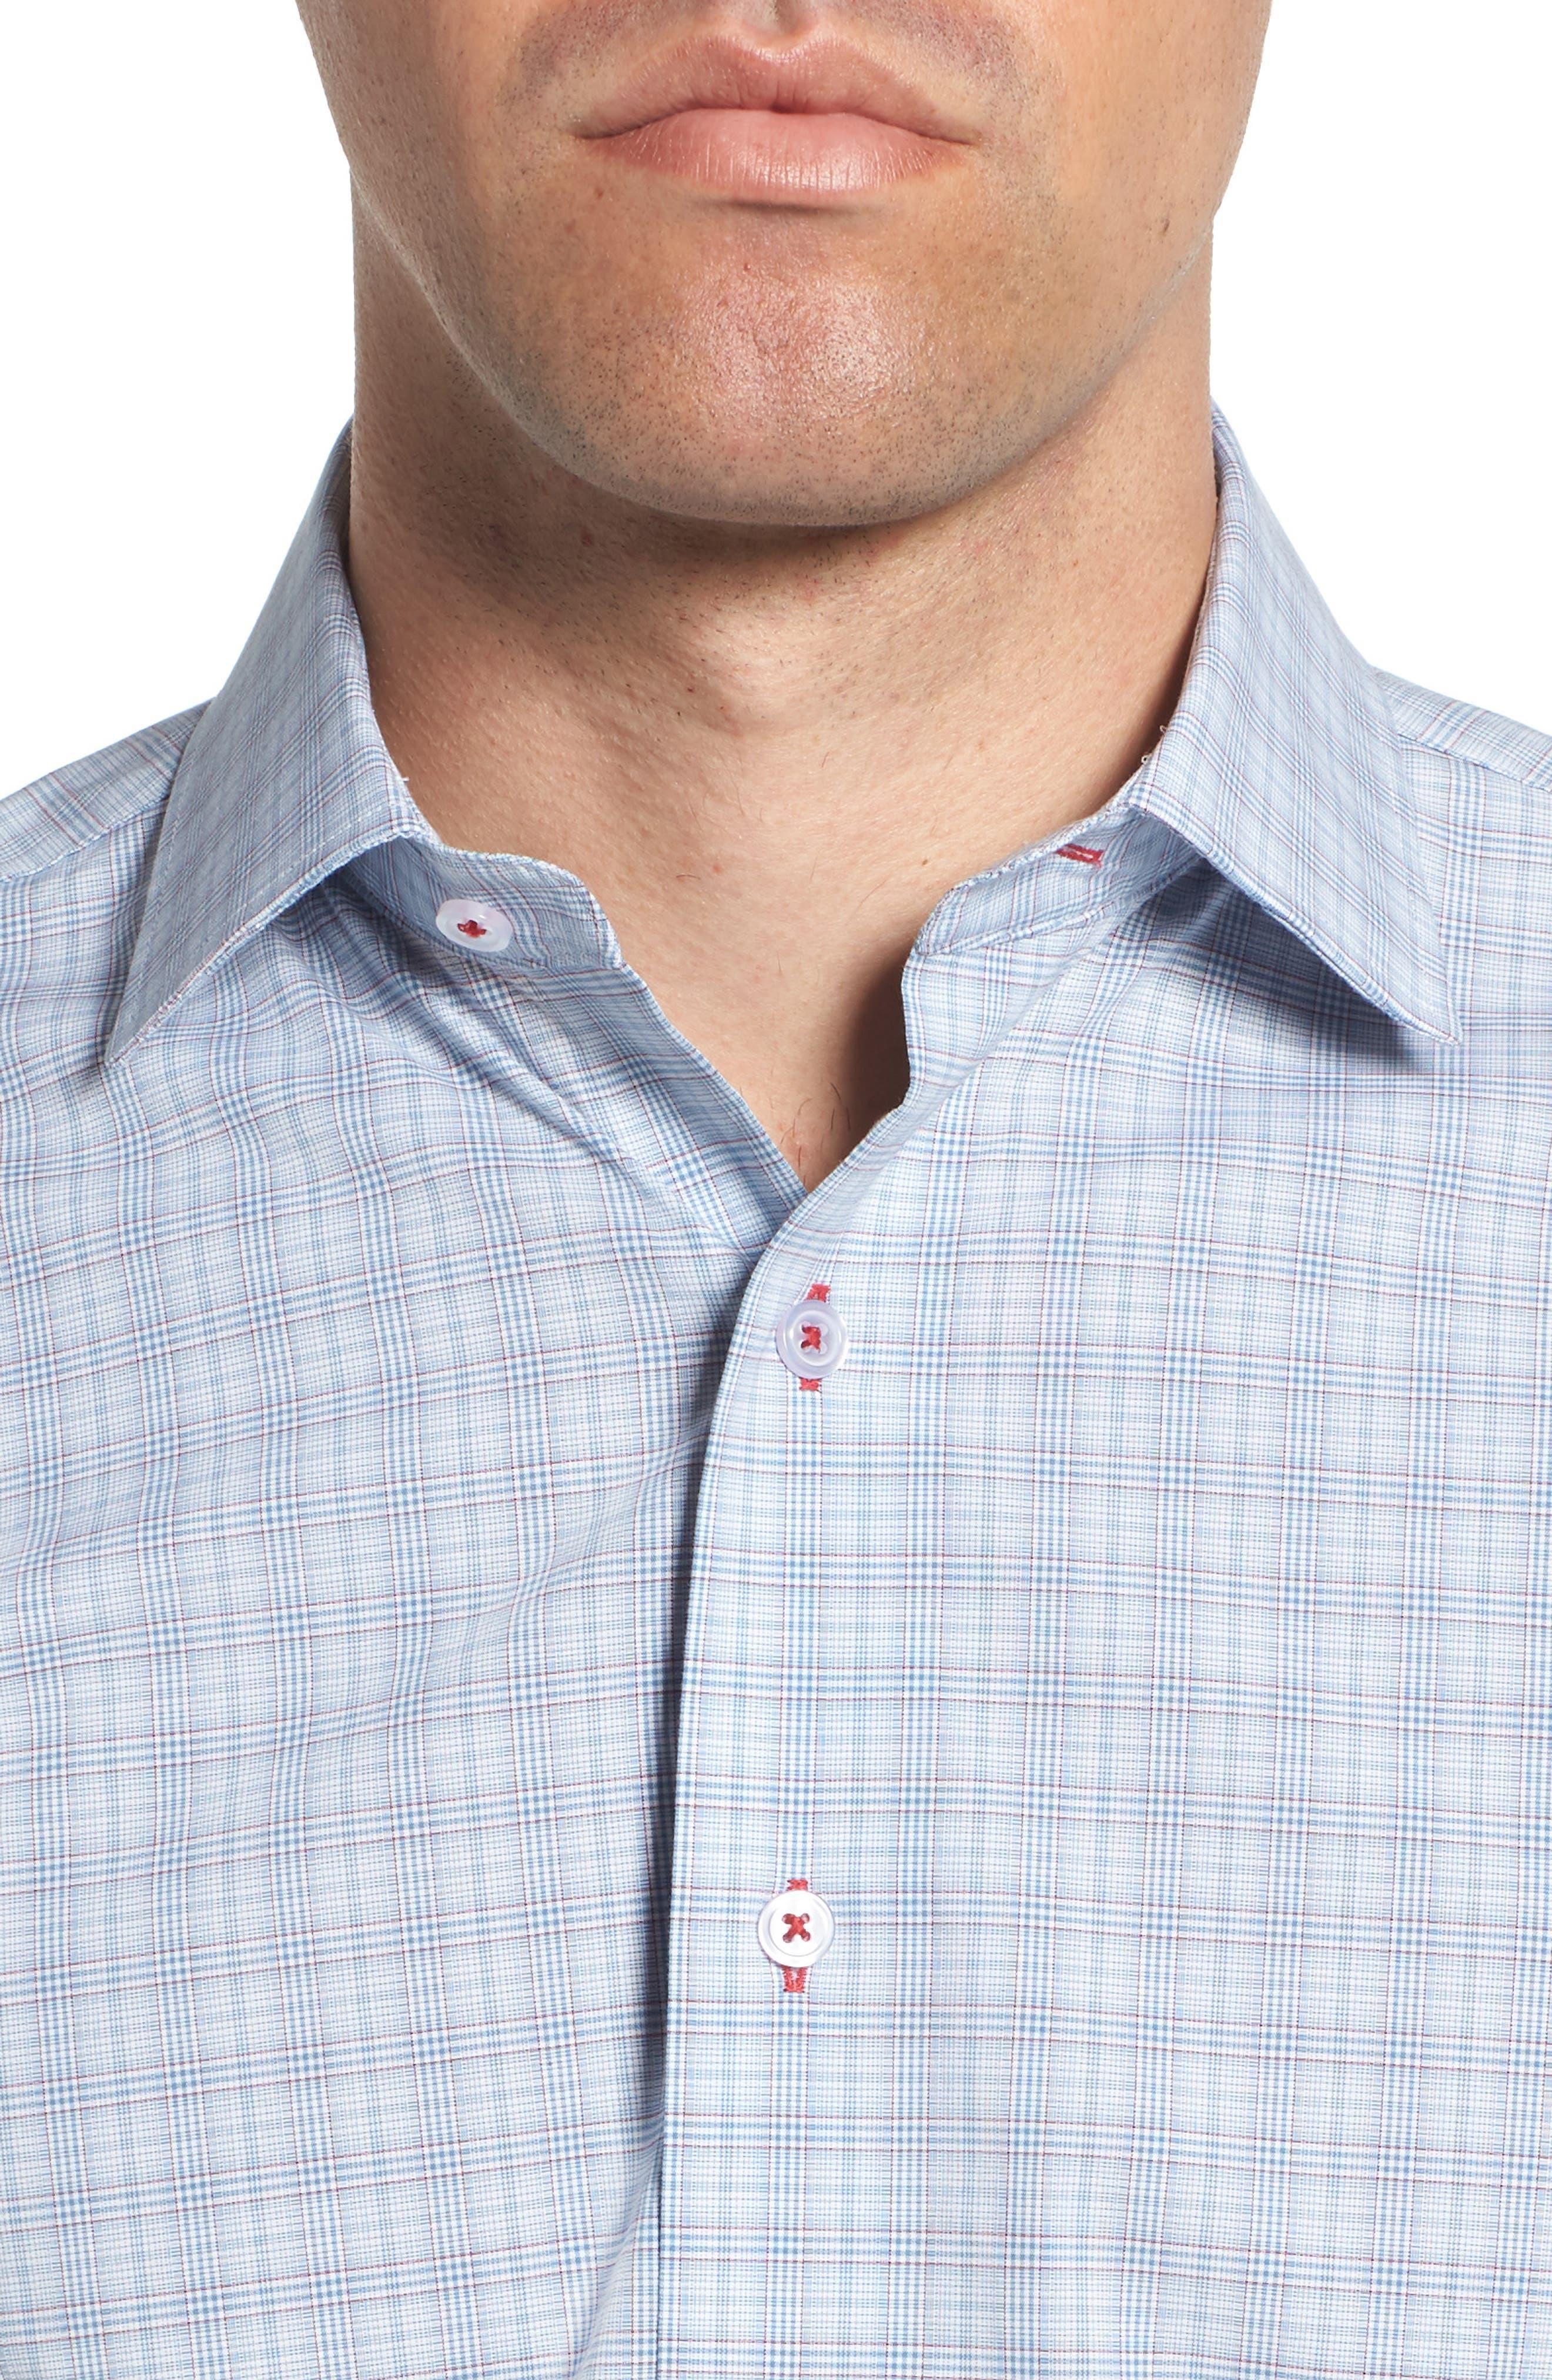 Trim Fit Plaid Dress Shirt,                             Alternate thumbnail 2, color,                             Blue/ Red